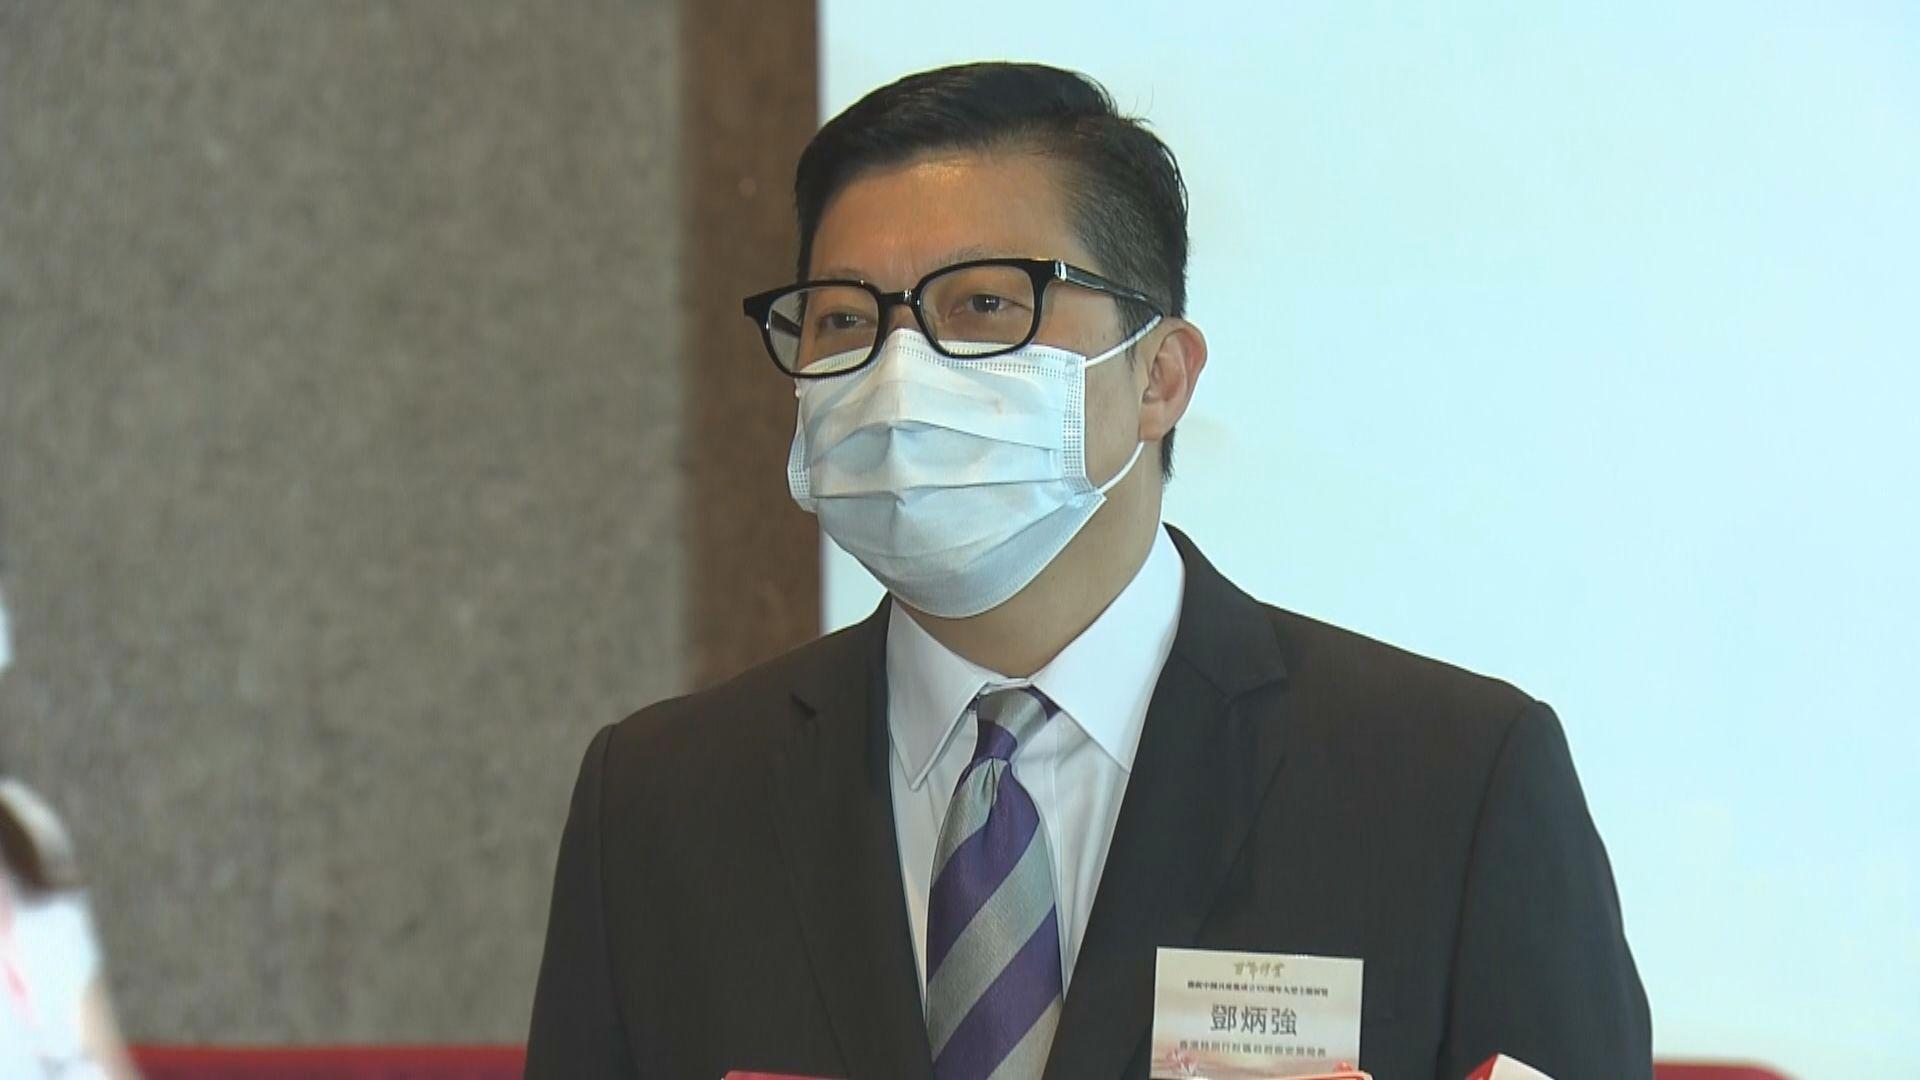 鄧炳強:悼念襲警疑犯為美化暴力及恐怖主義